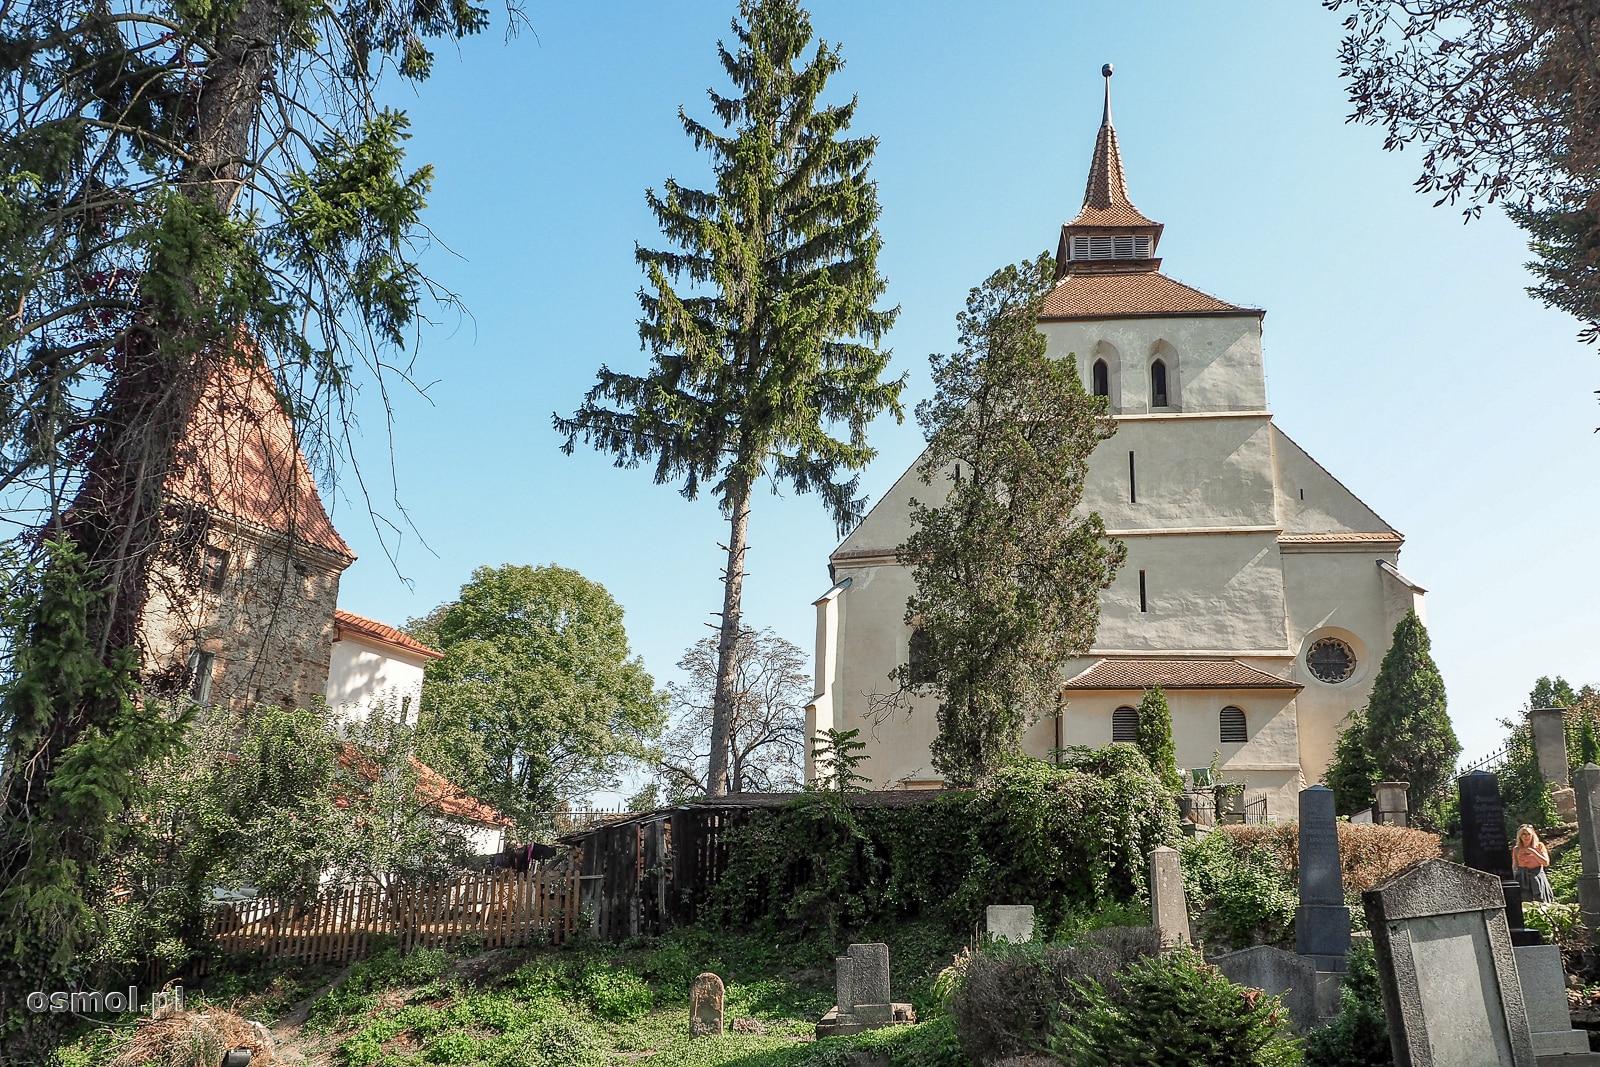 Kościół na Wzgórzu w Sighișoarze